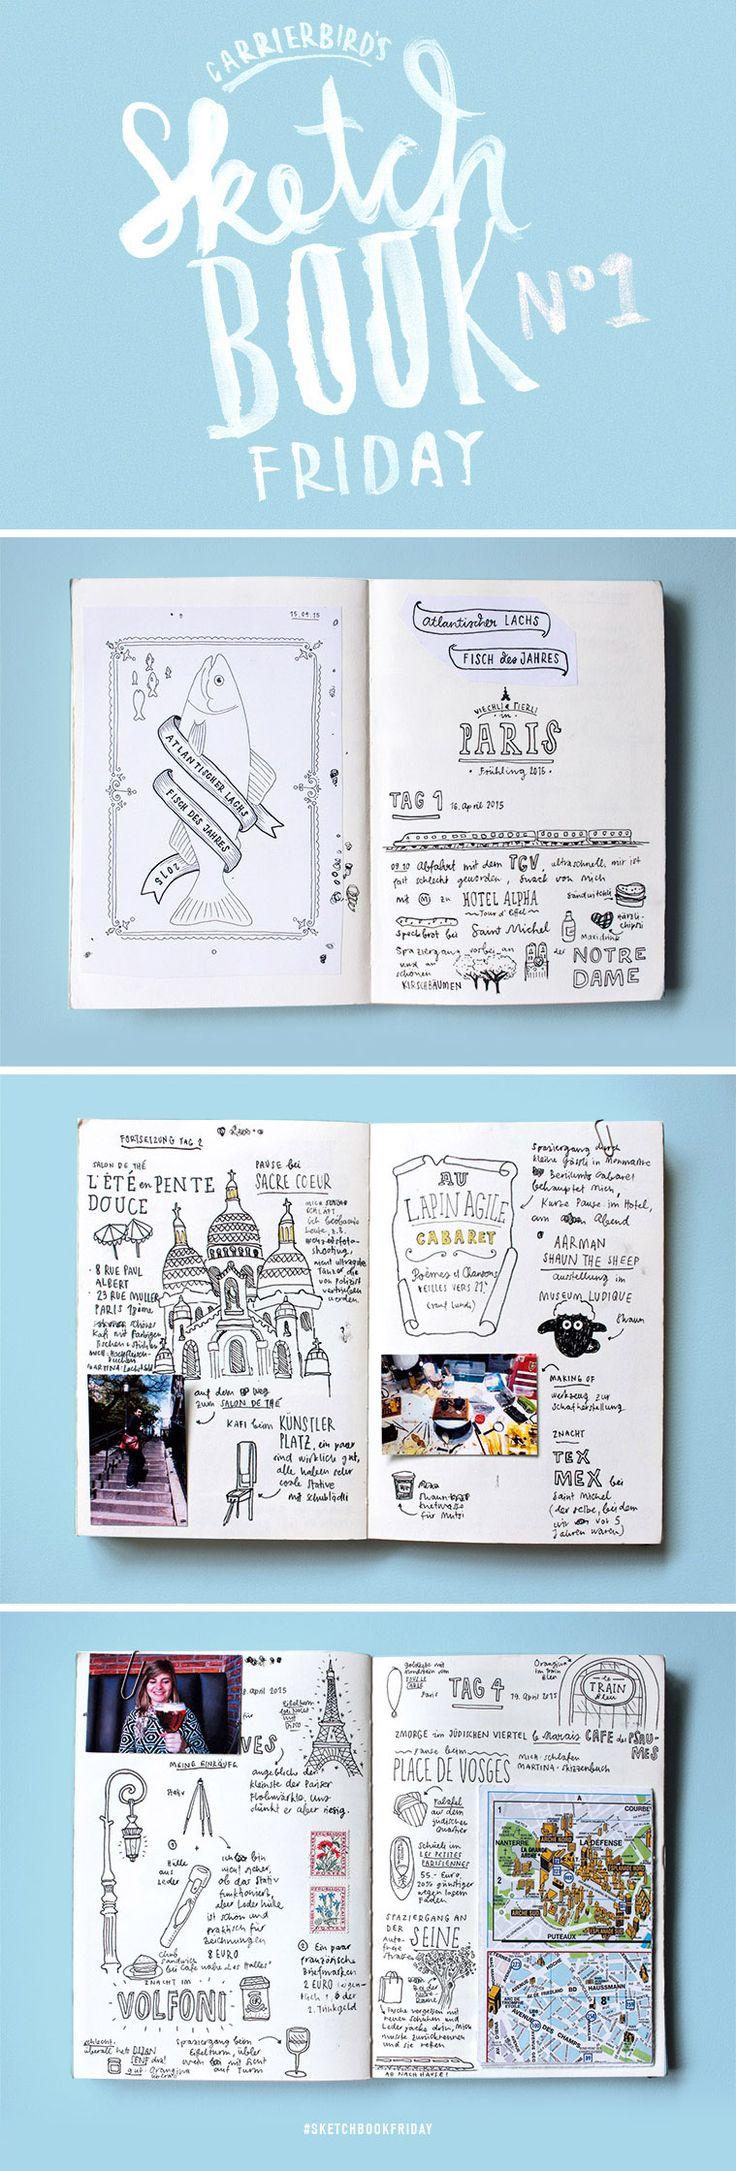 Carrier Bird's Sketchbookfriday No.01